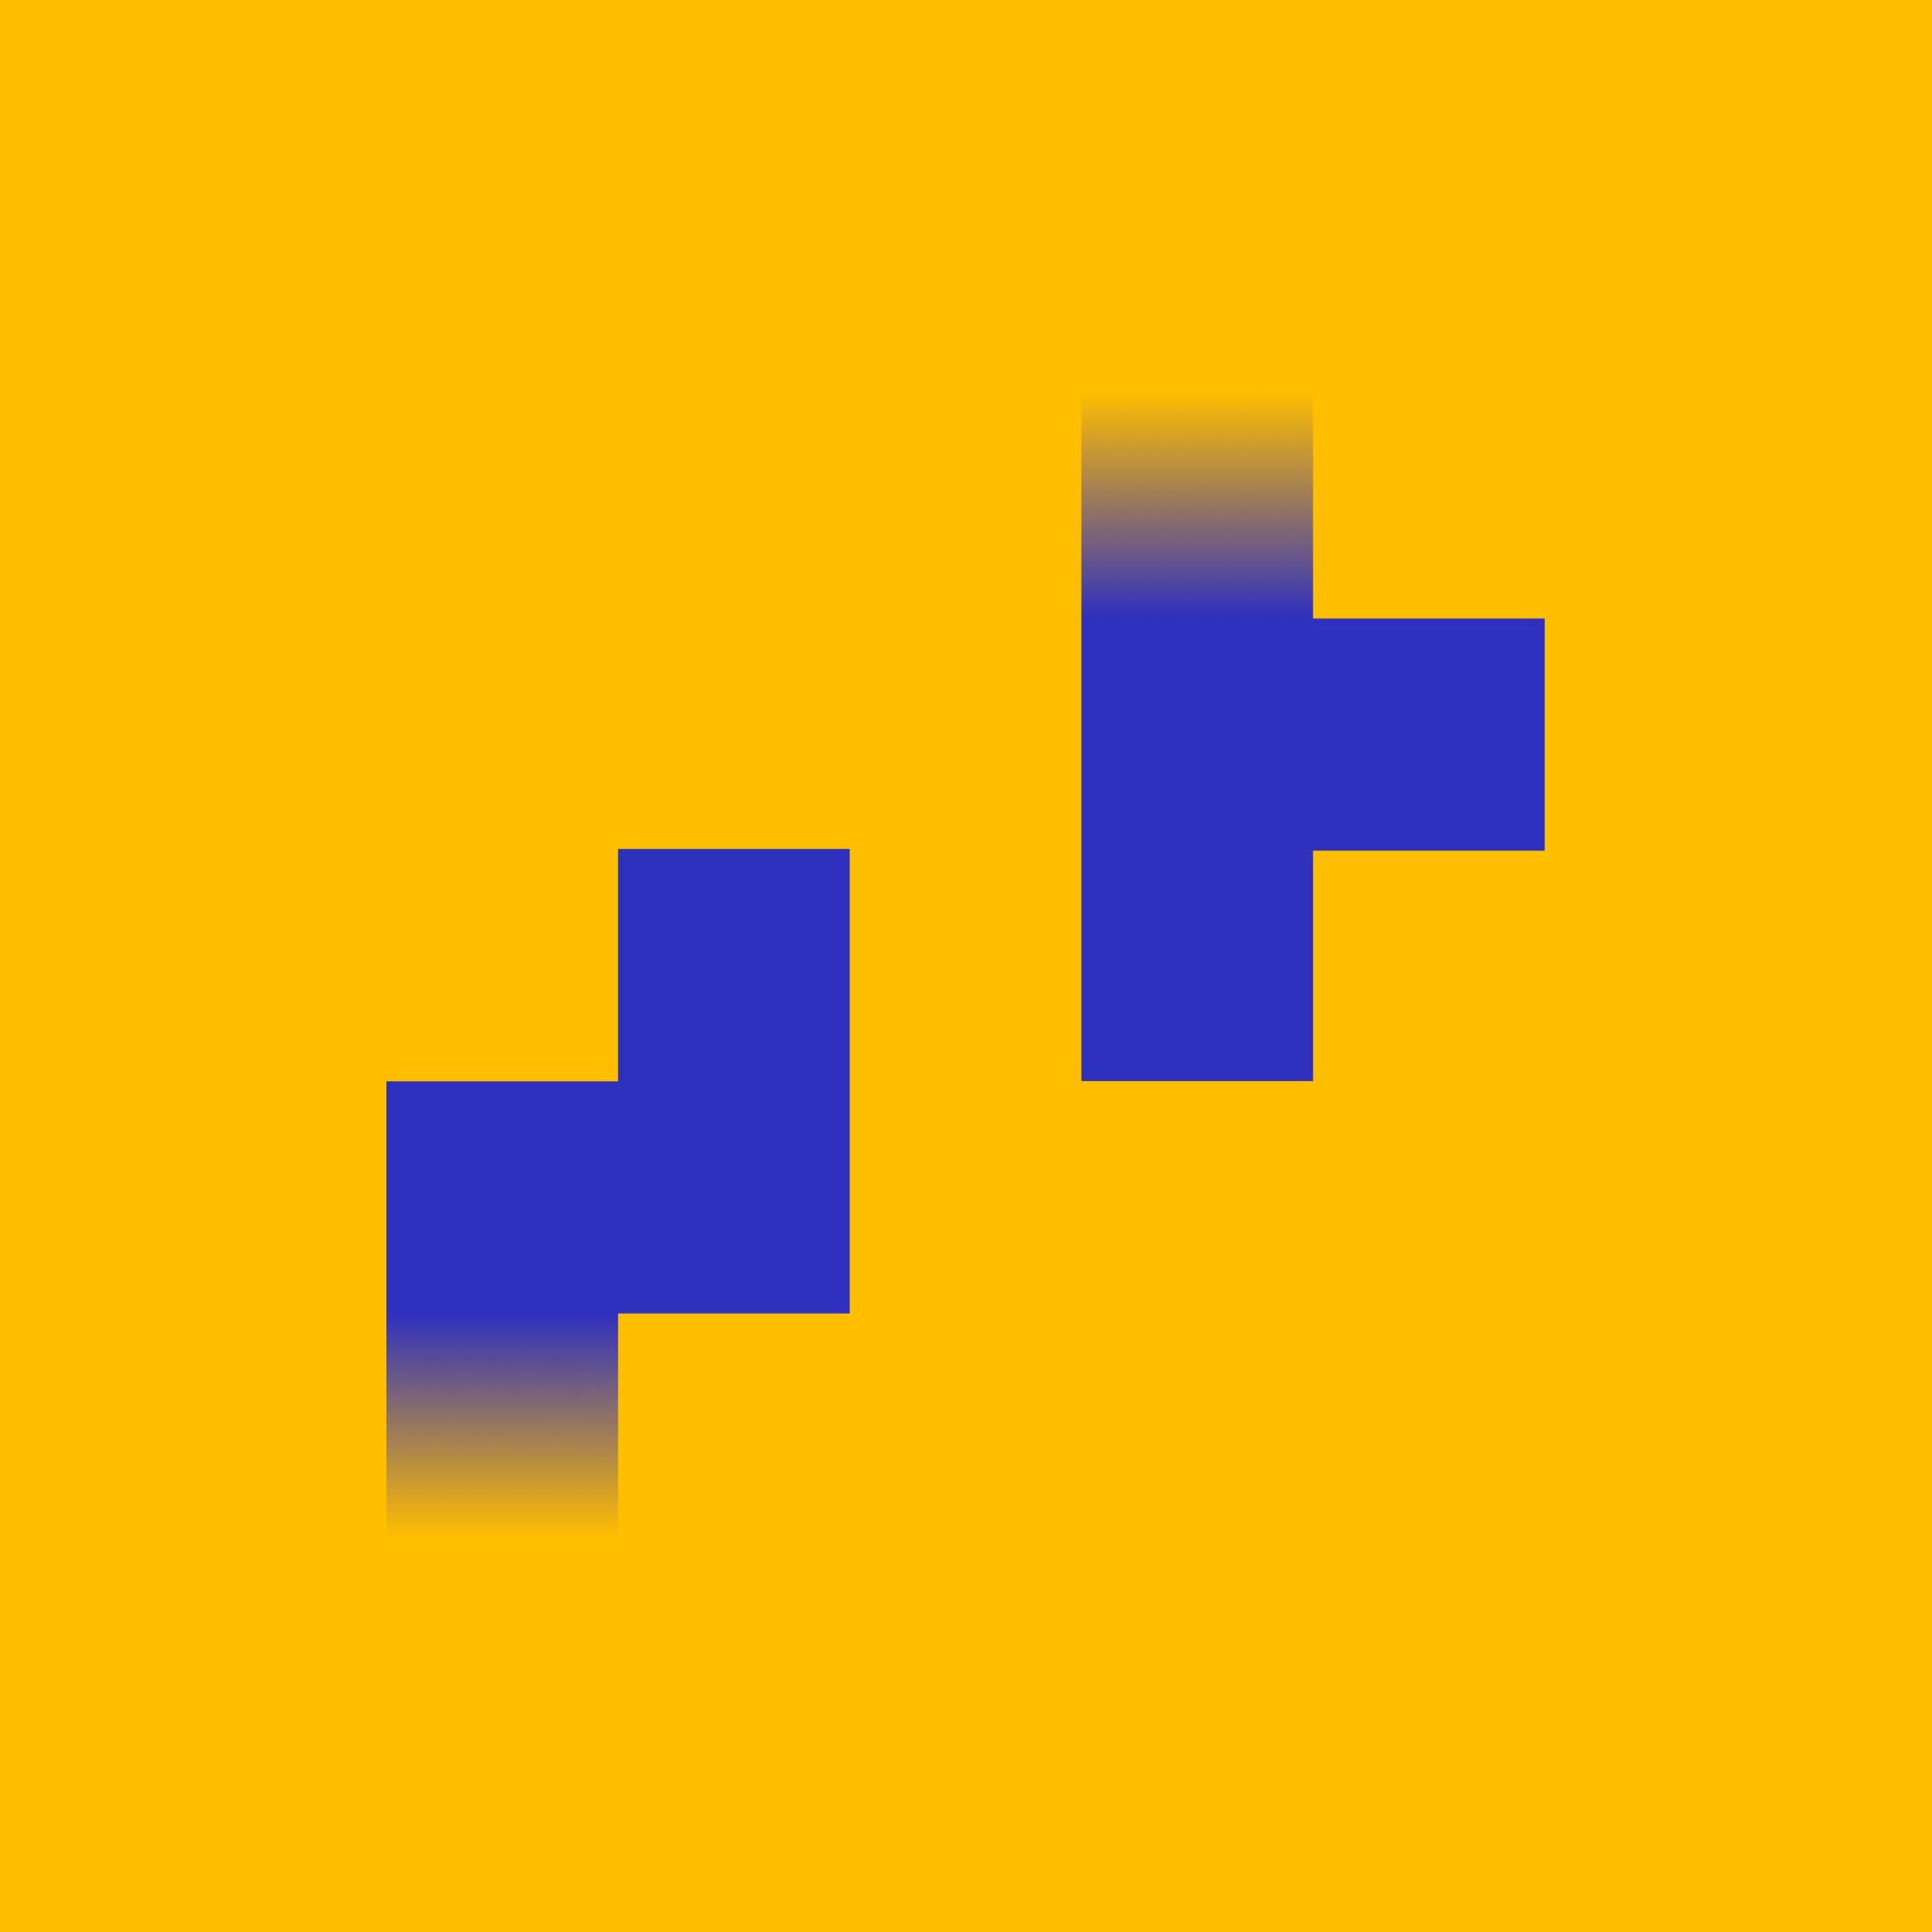 Shuttle logo